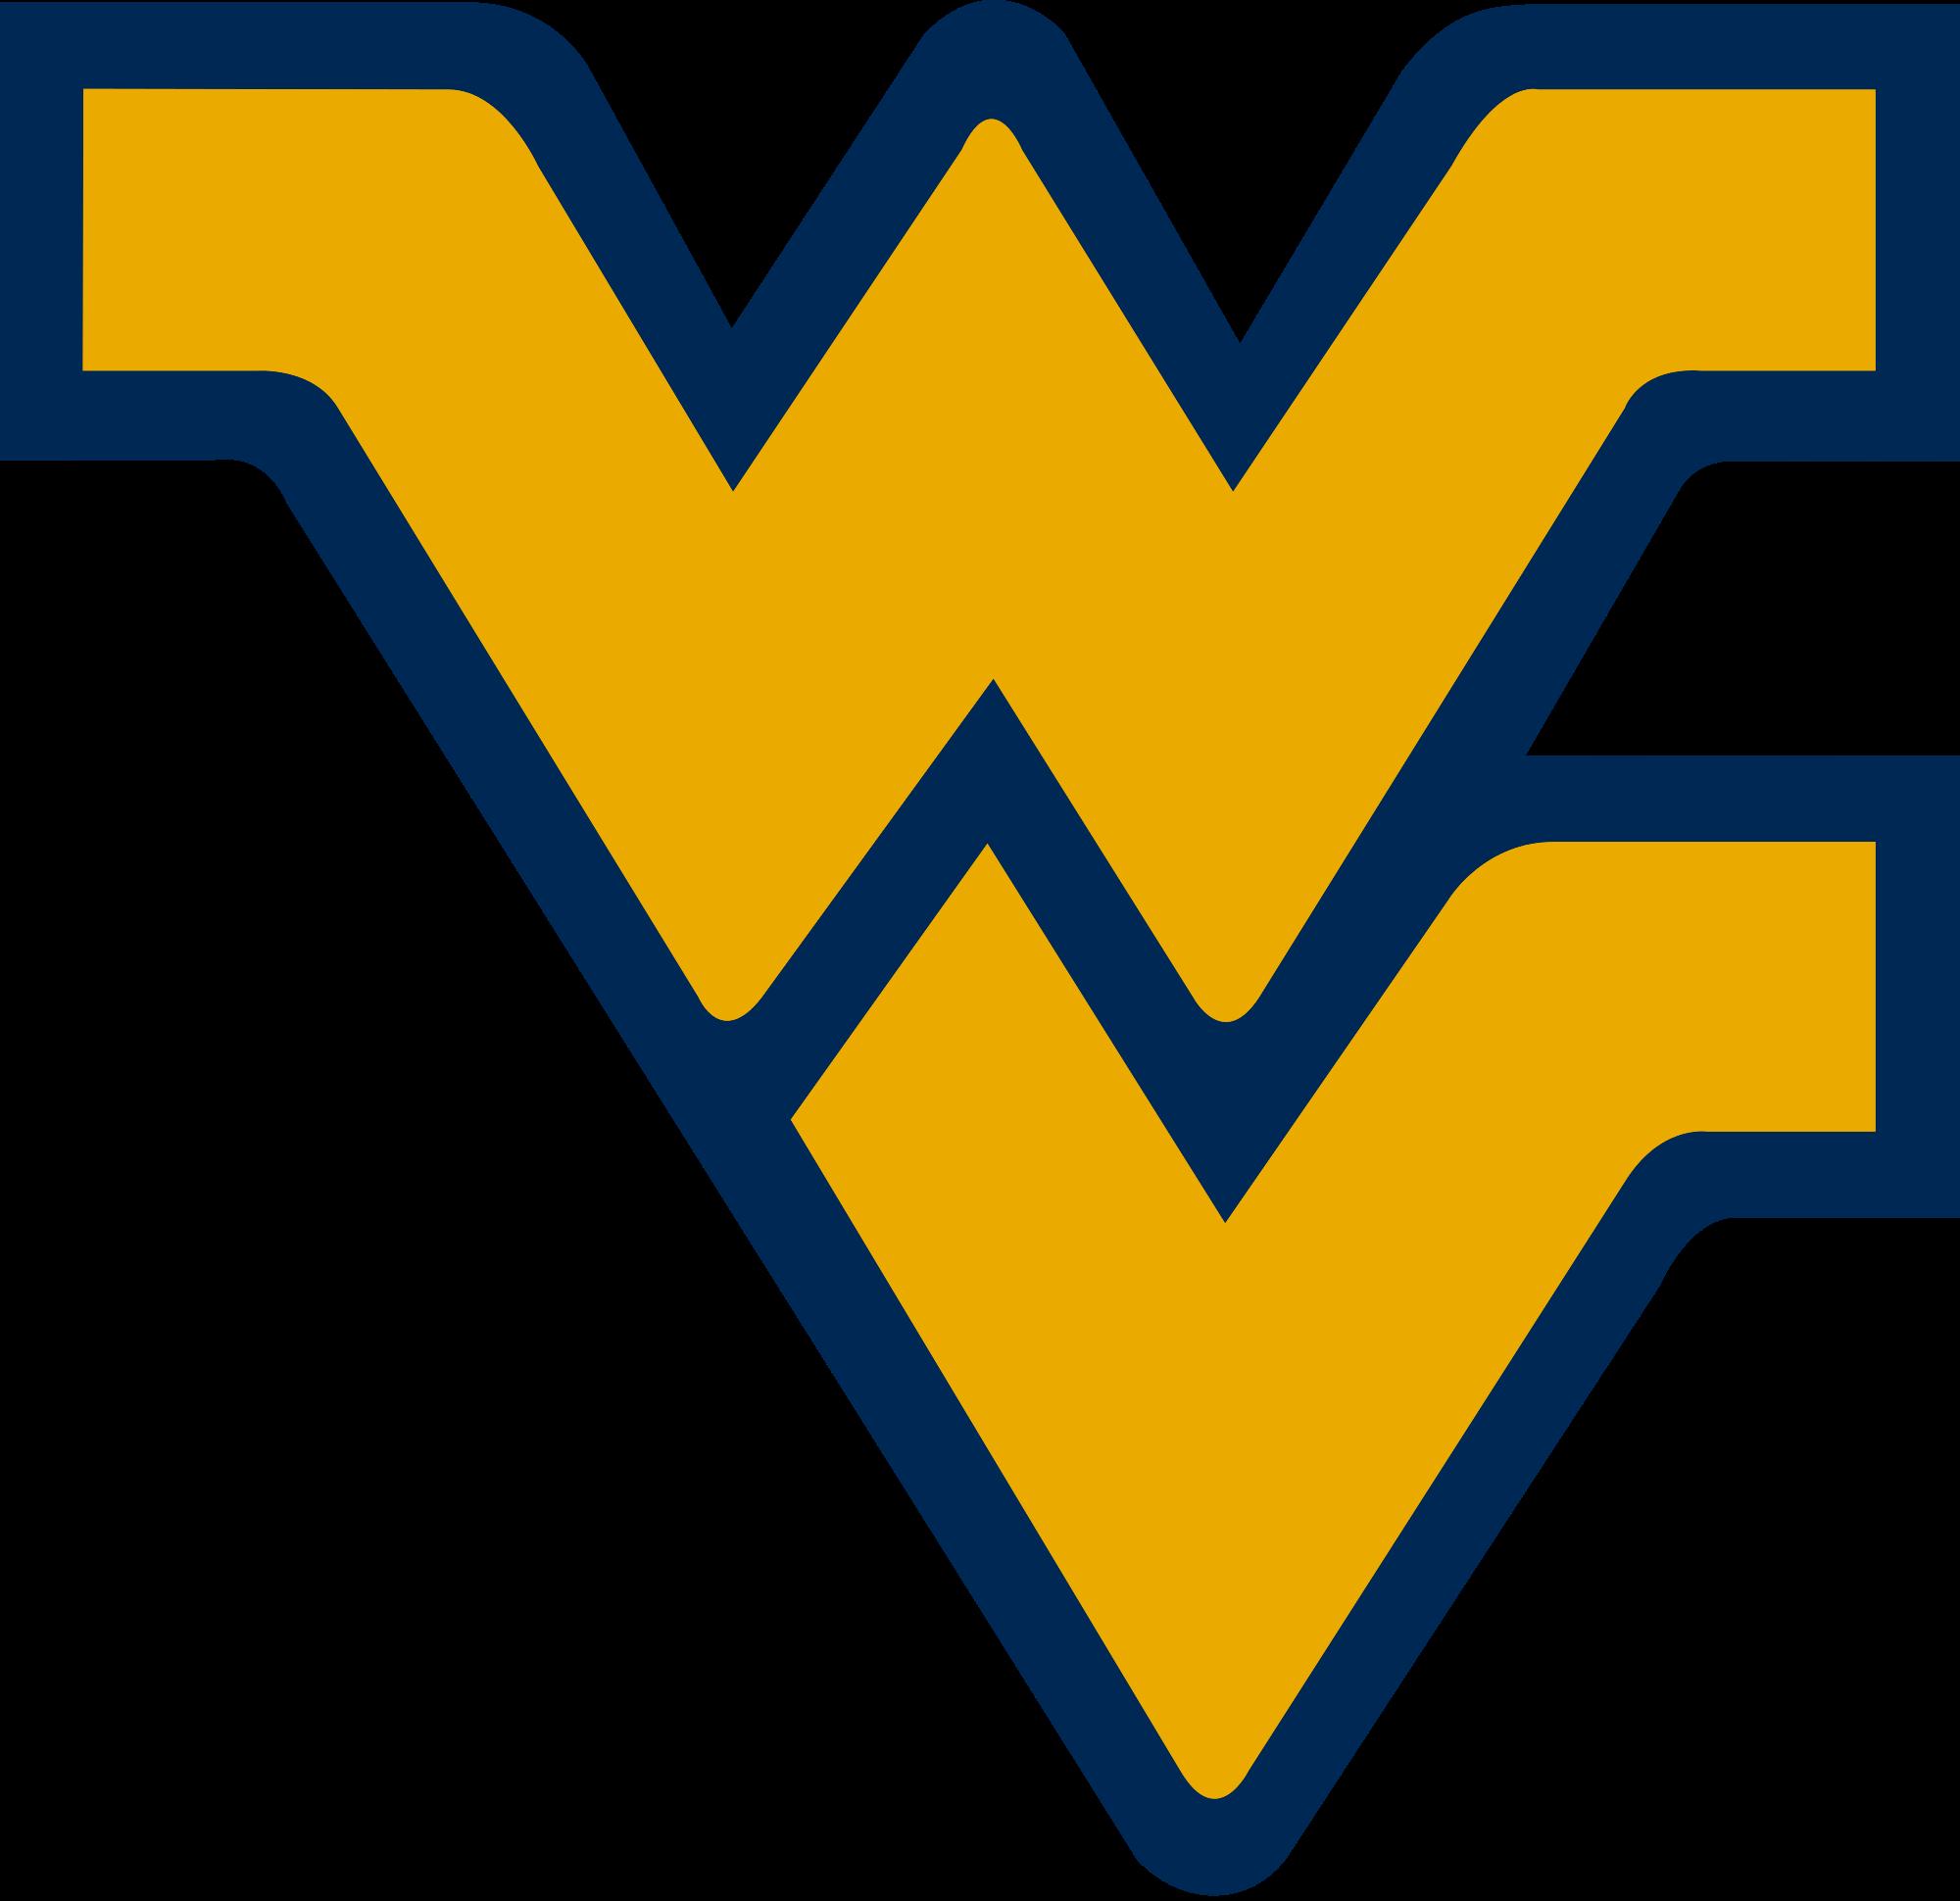 West Virginia svg #20, Download drawings